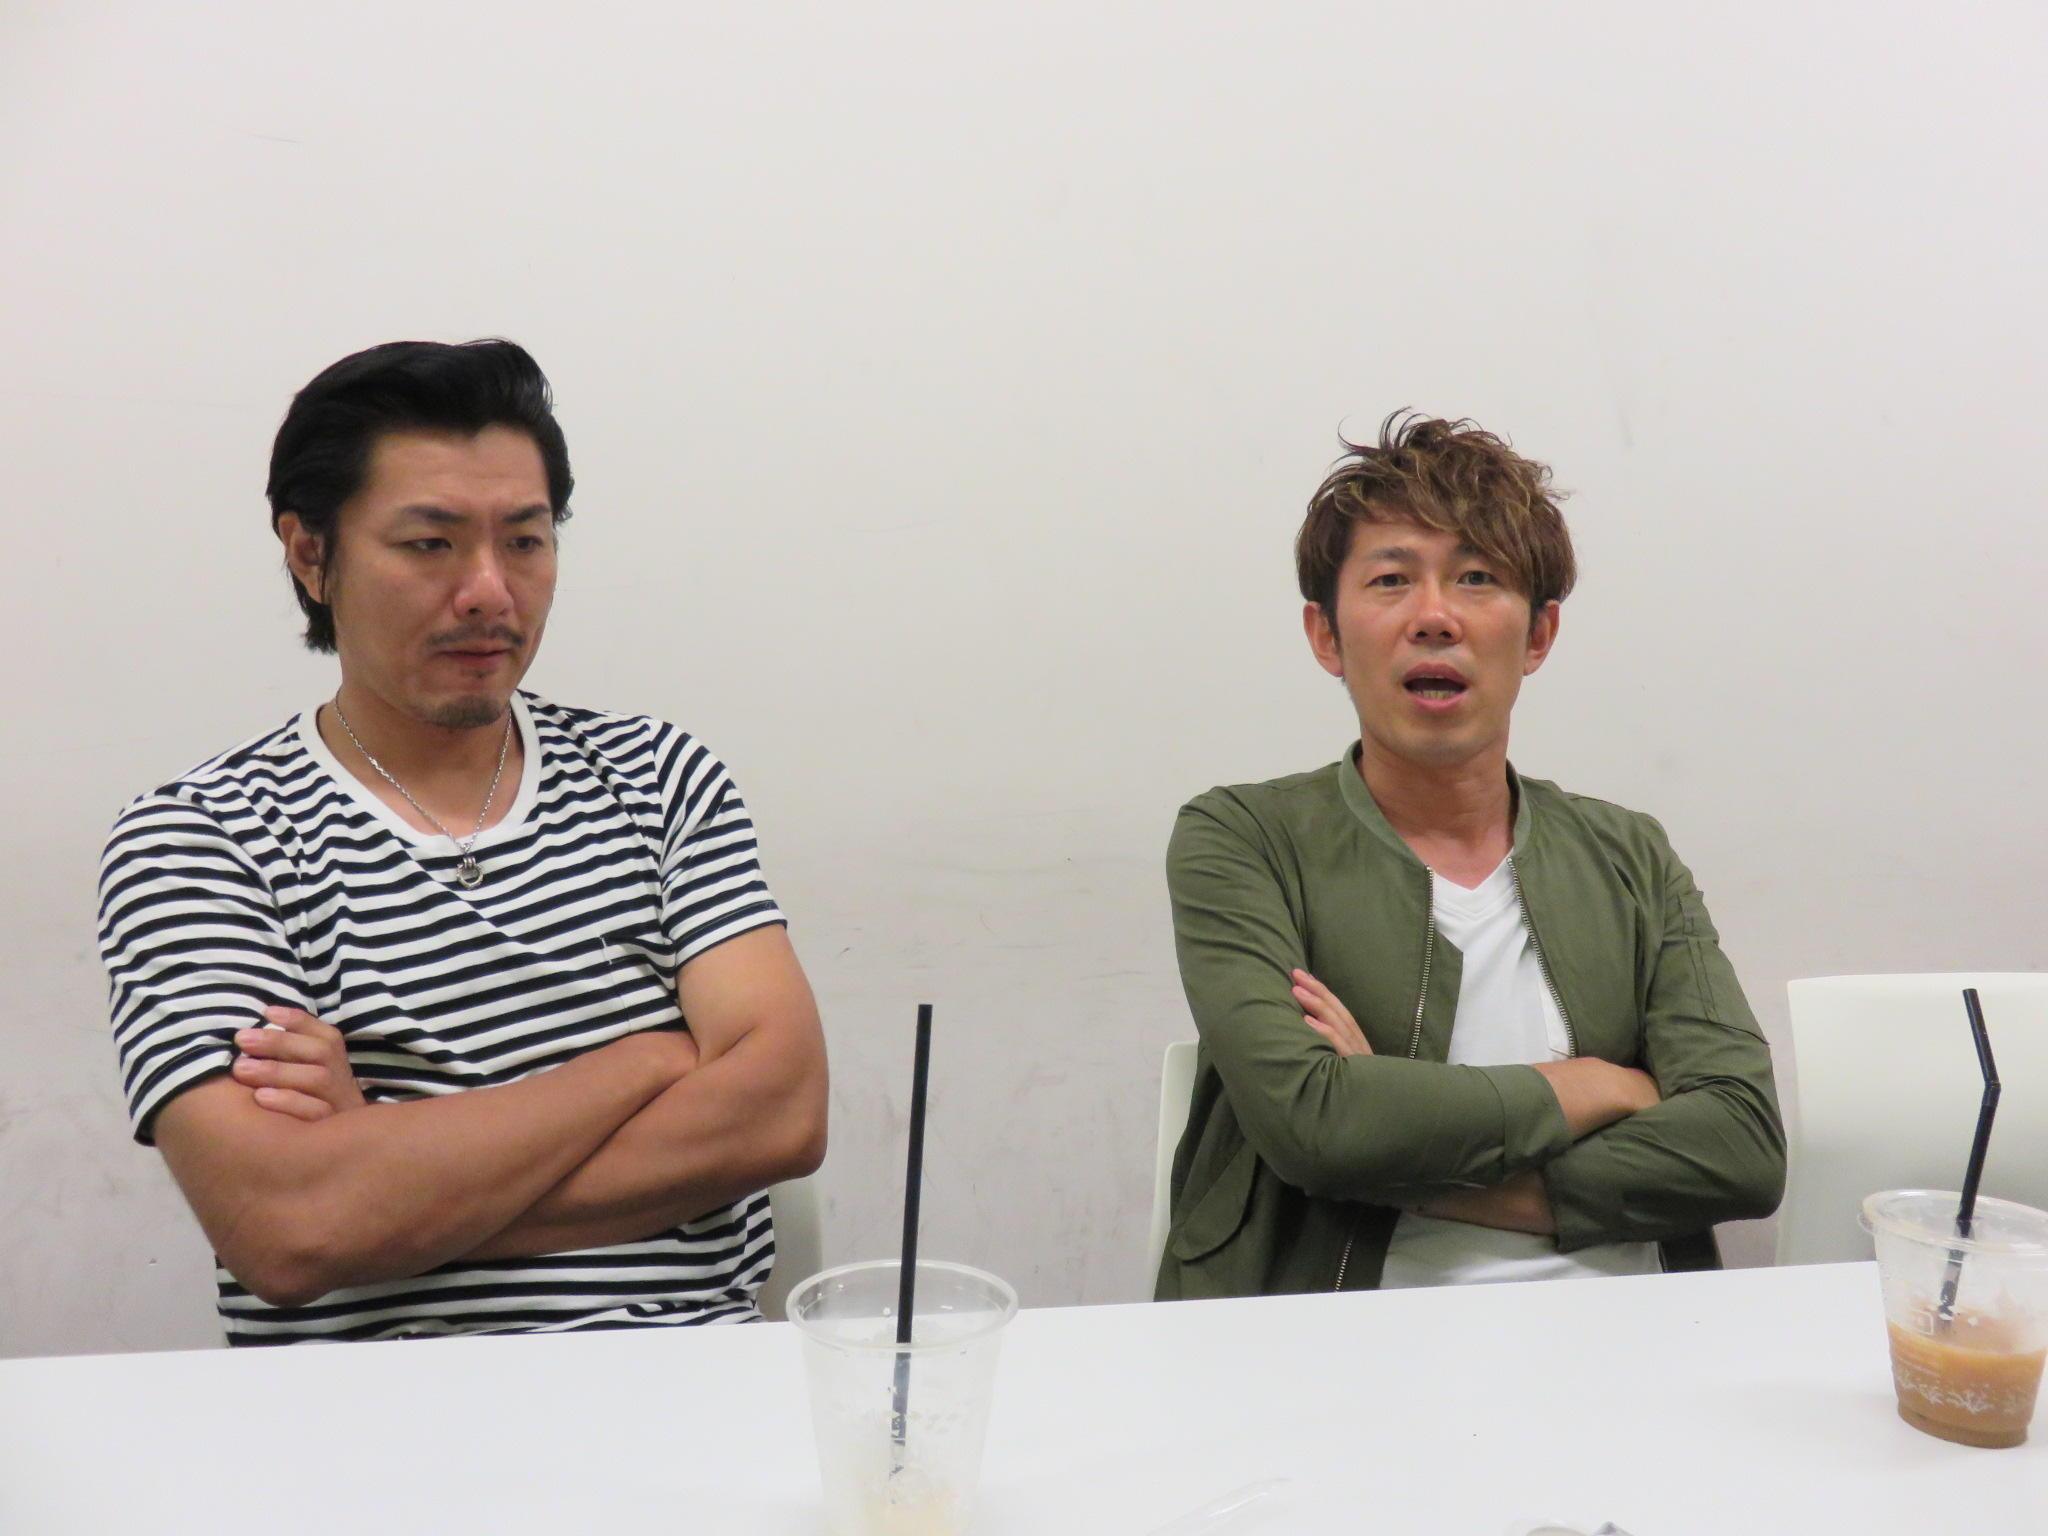 http://news.yoshimoto.co.jp/20160725205709-8538d1f734f407add8cc9901dba36afc19adb949.jpg